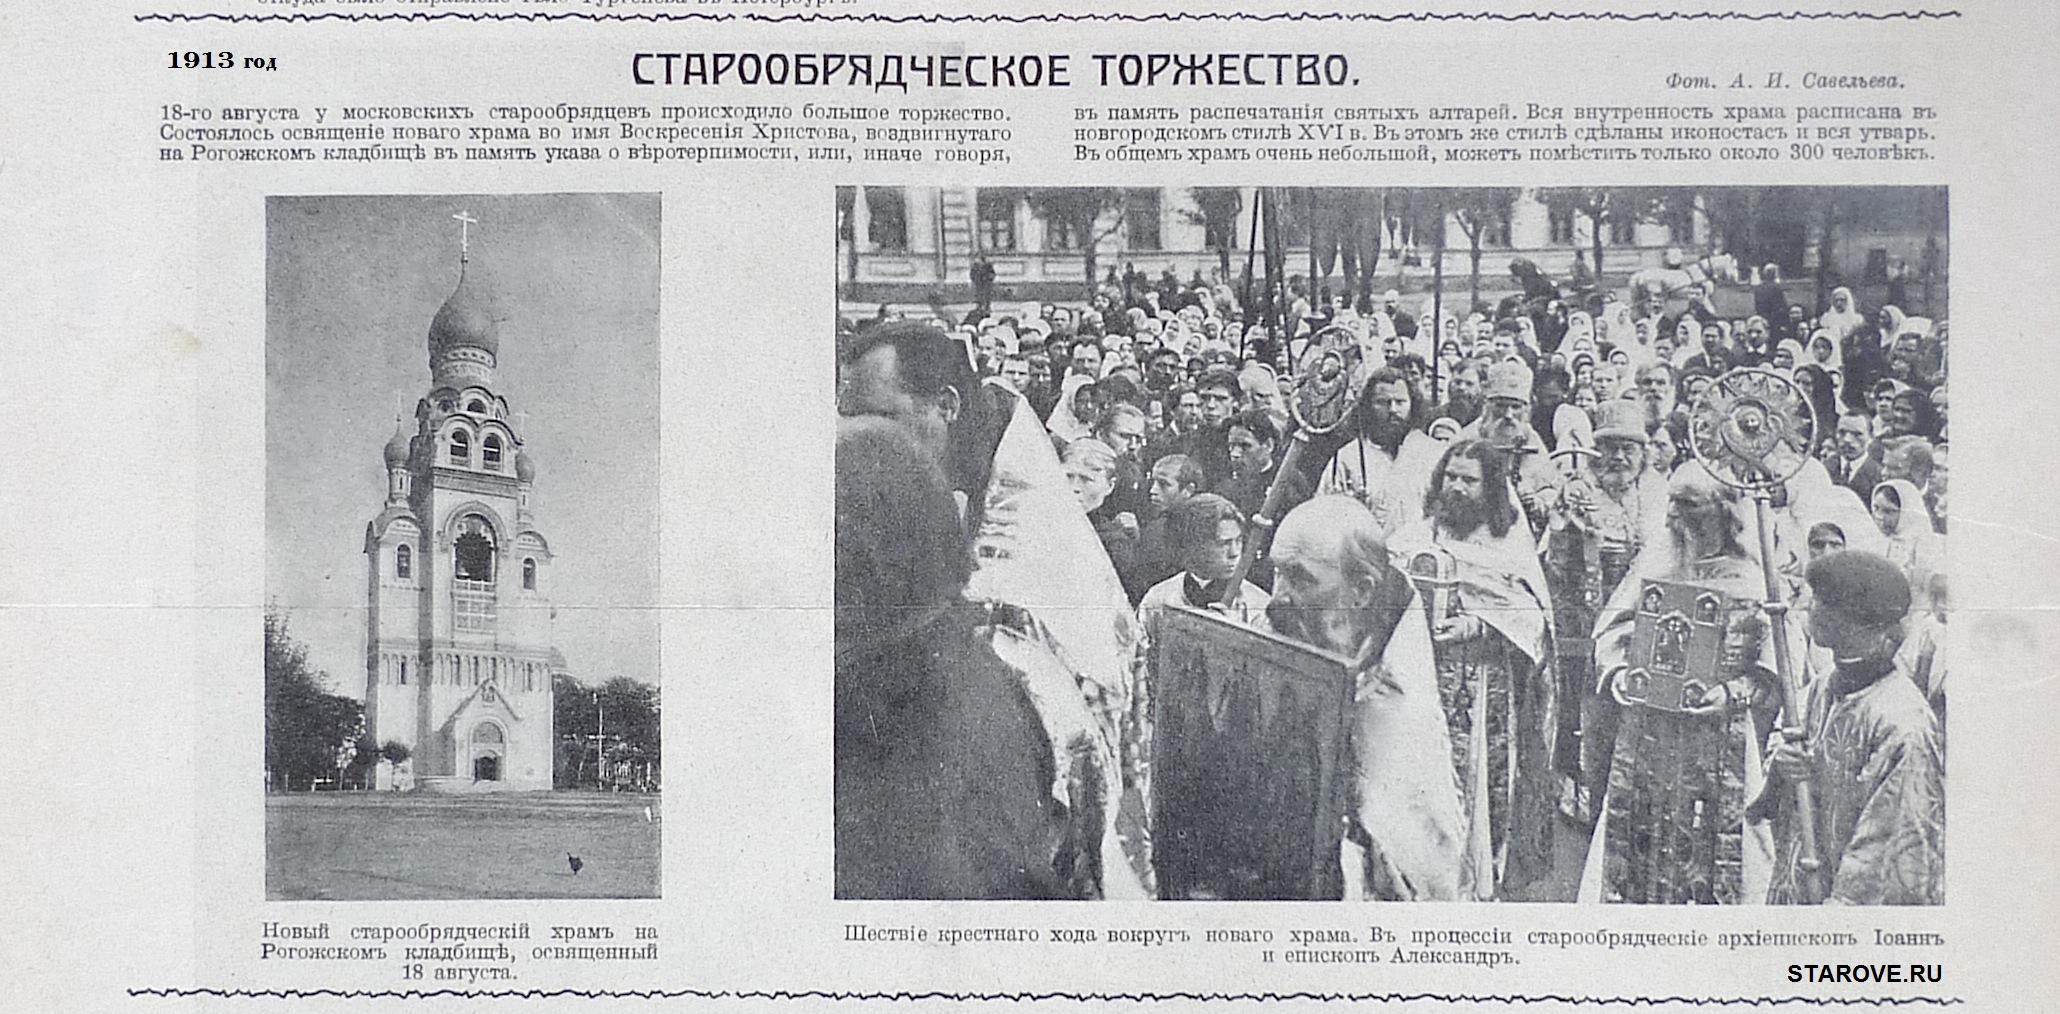 Освящение Рогожской колокольни в 1913 году